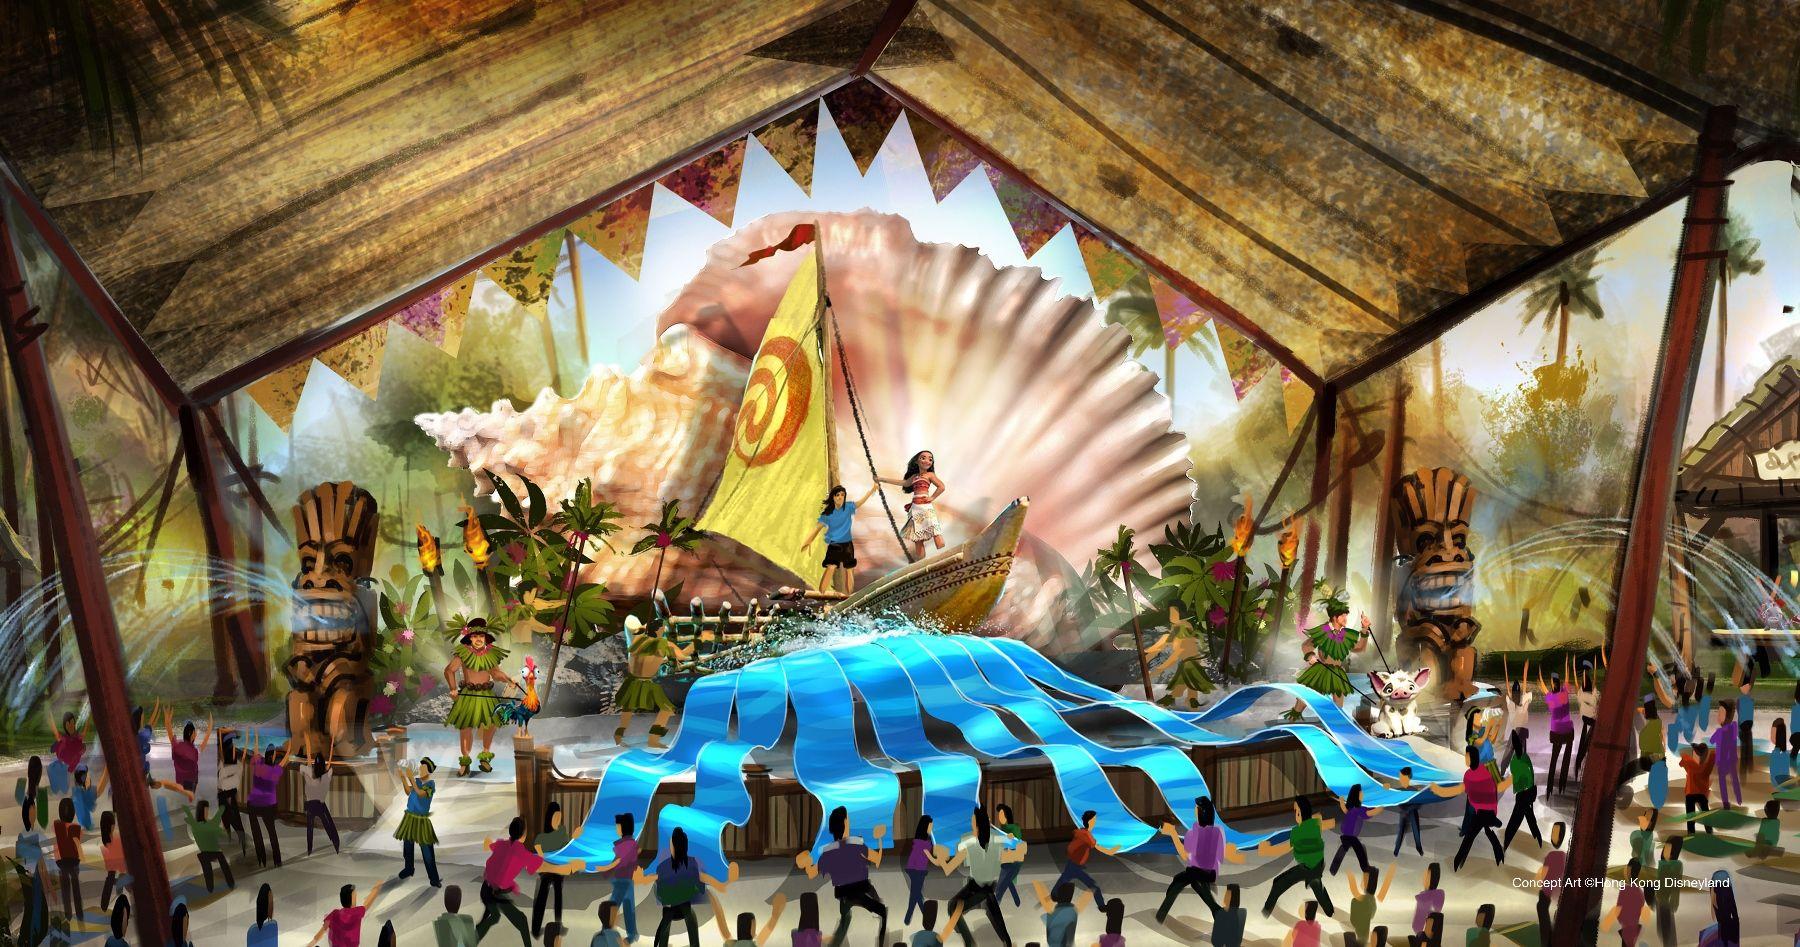 Avec des grands spectacles quotidiens, le projet assurera de nombreux emplois pour les danseurs